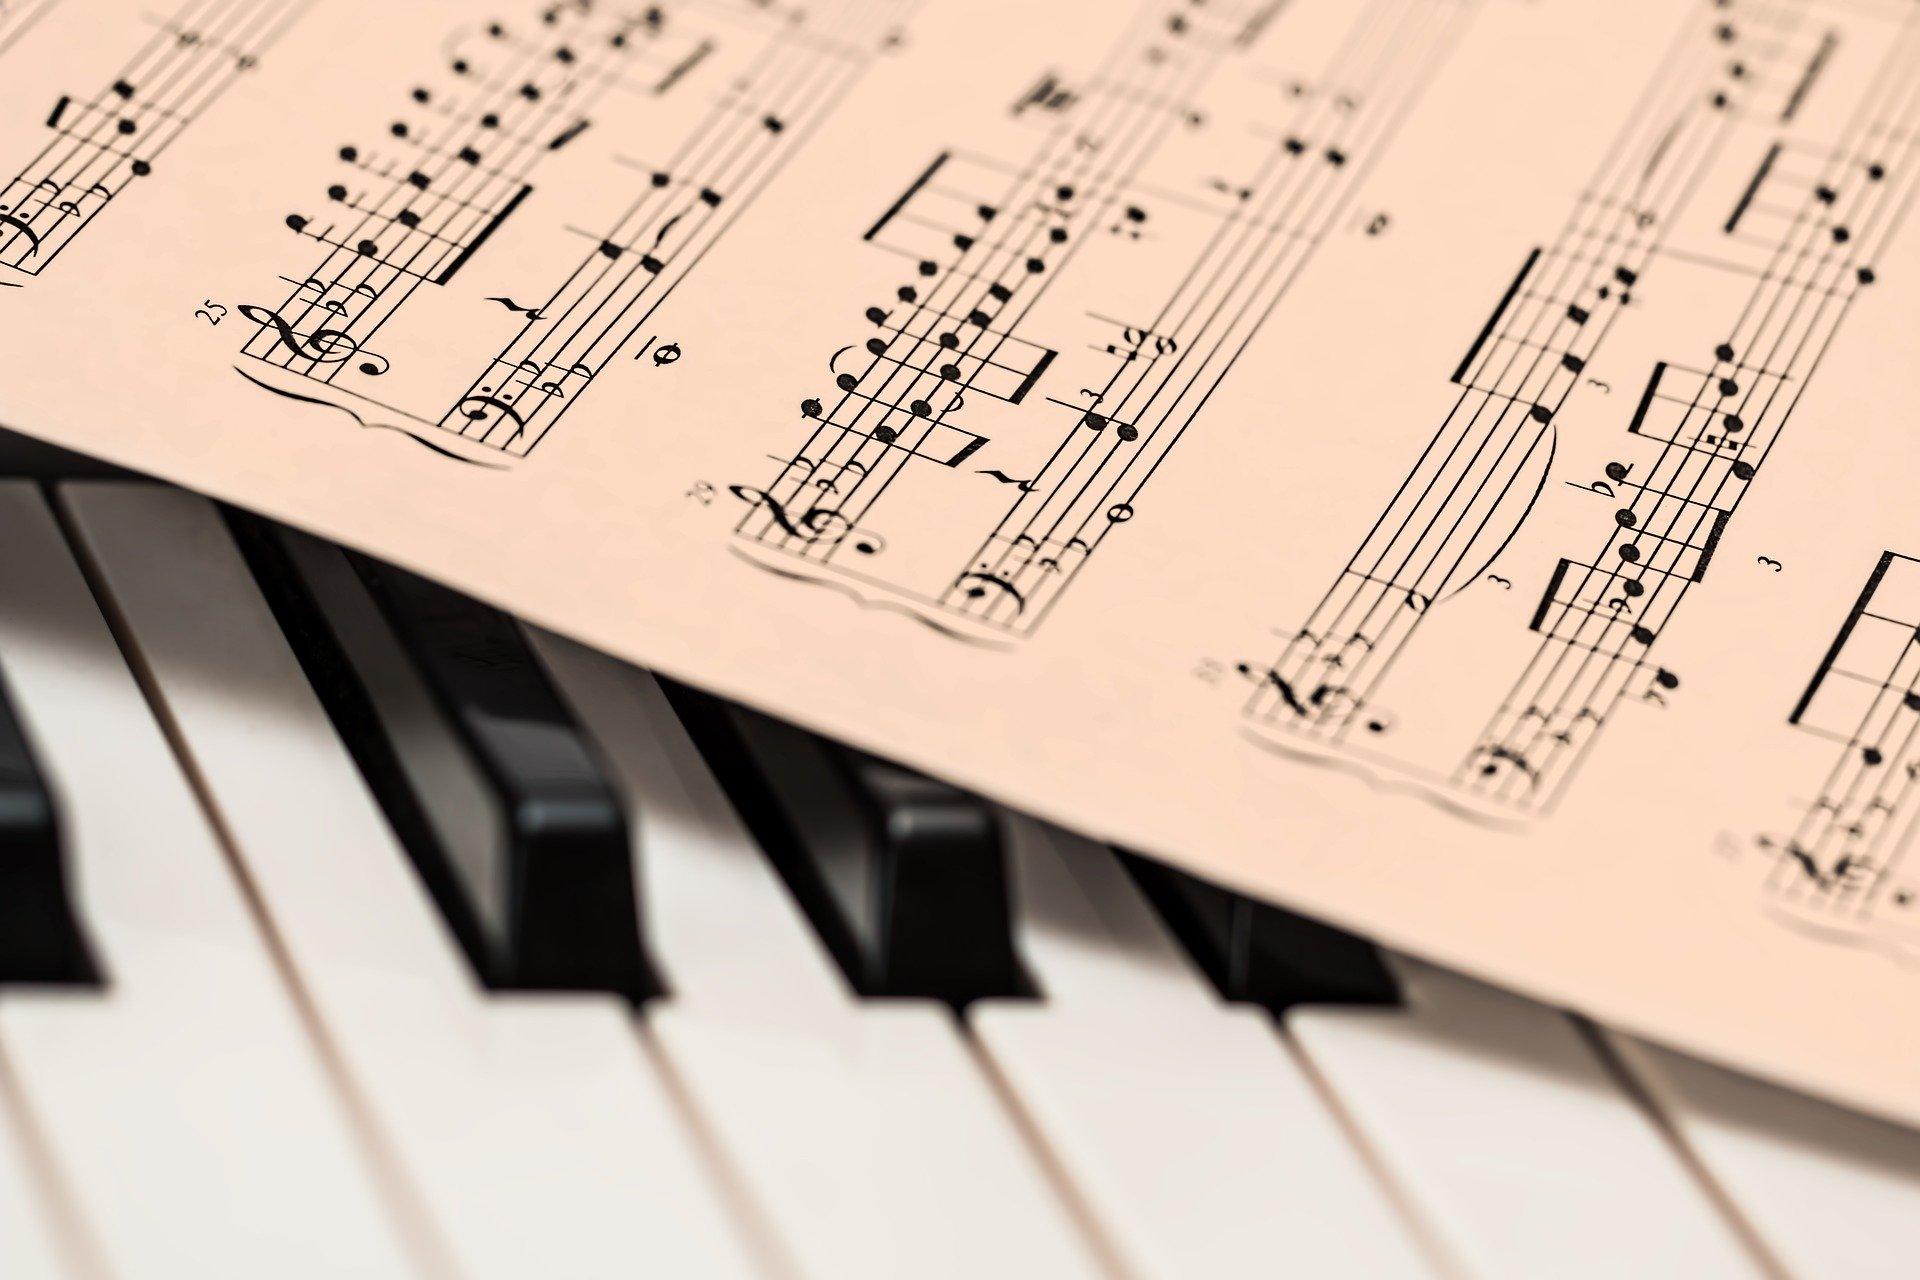 Curso de teclado online: Qual o melhor em 2021?